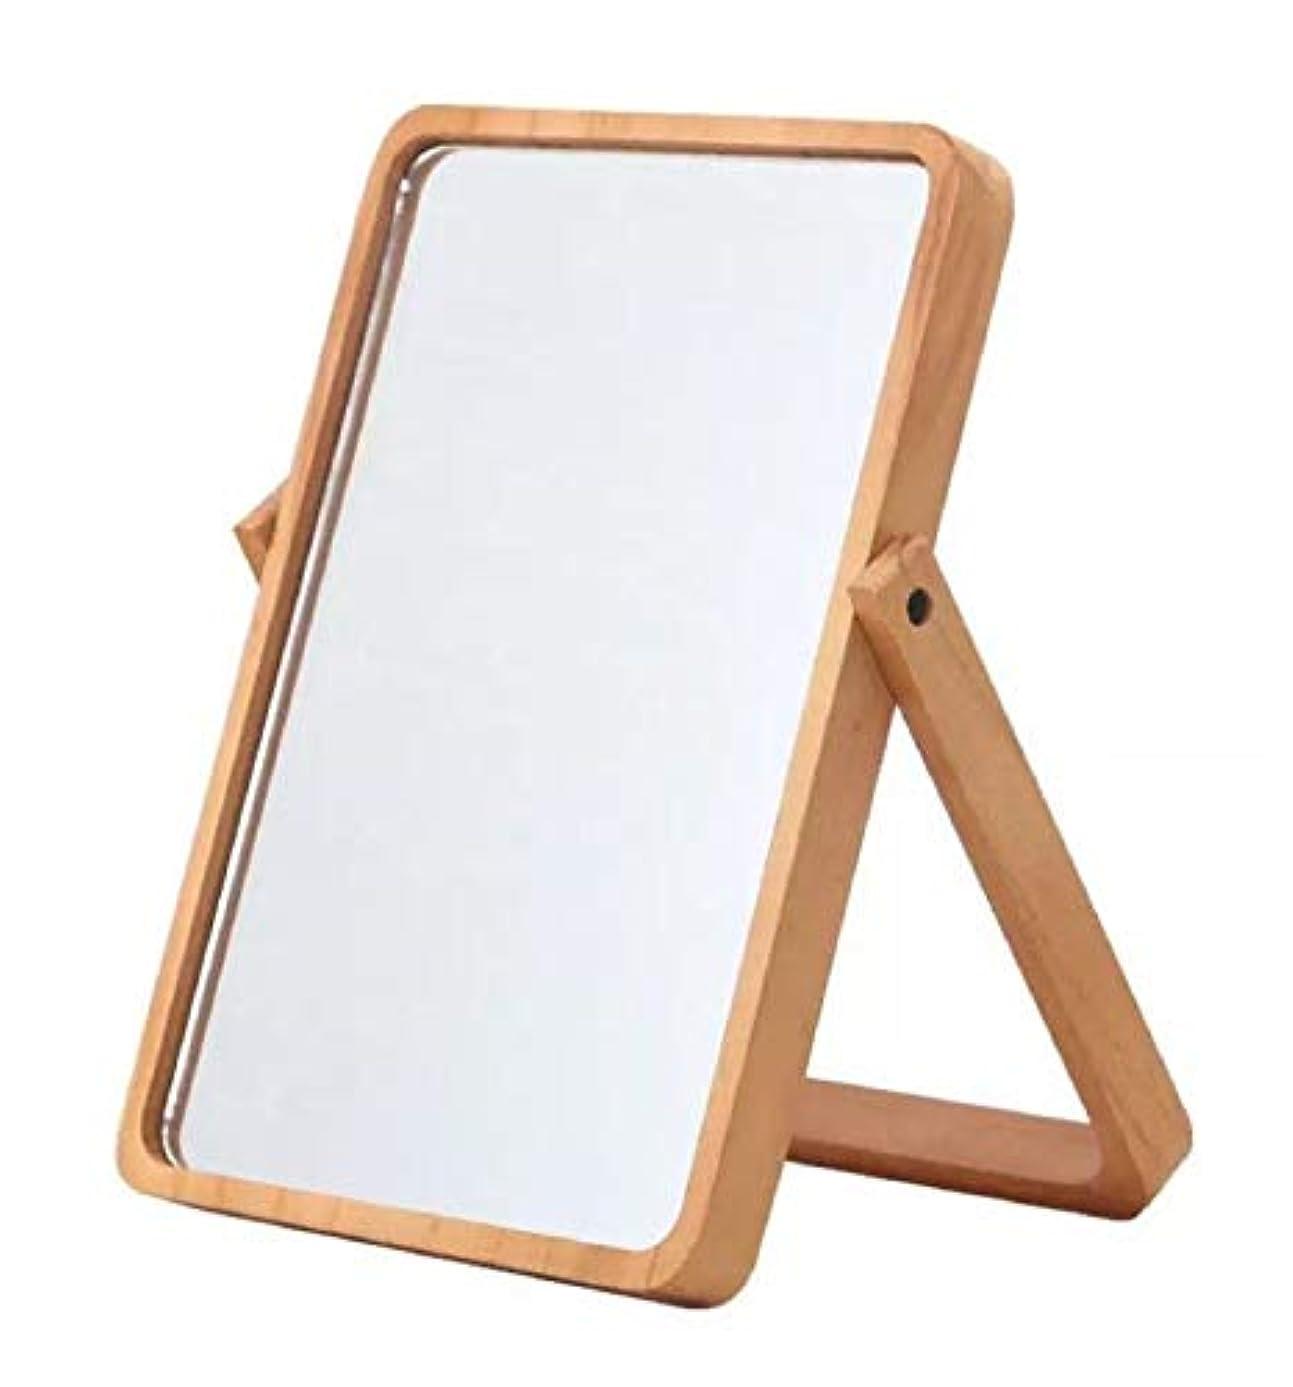 レモン家庭教師風が強い卓上鏡 木枠 鏡 壁掛け 卓上 ミラー 木製フレーム 卓上ミラー 木 スタンド式 26.5×20×2㎝